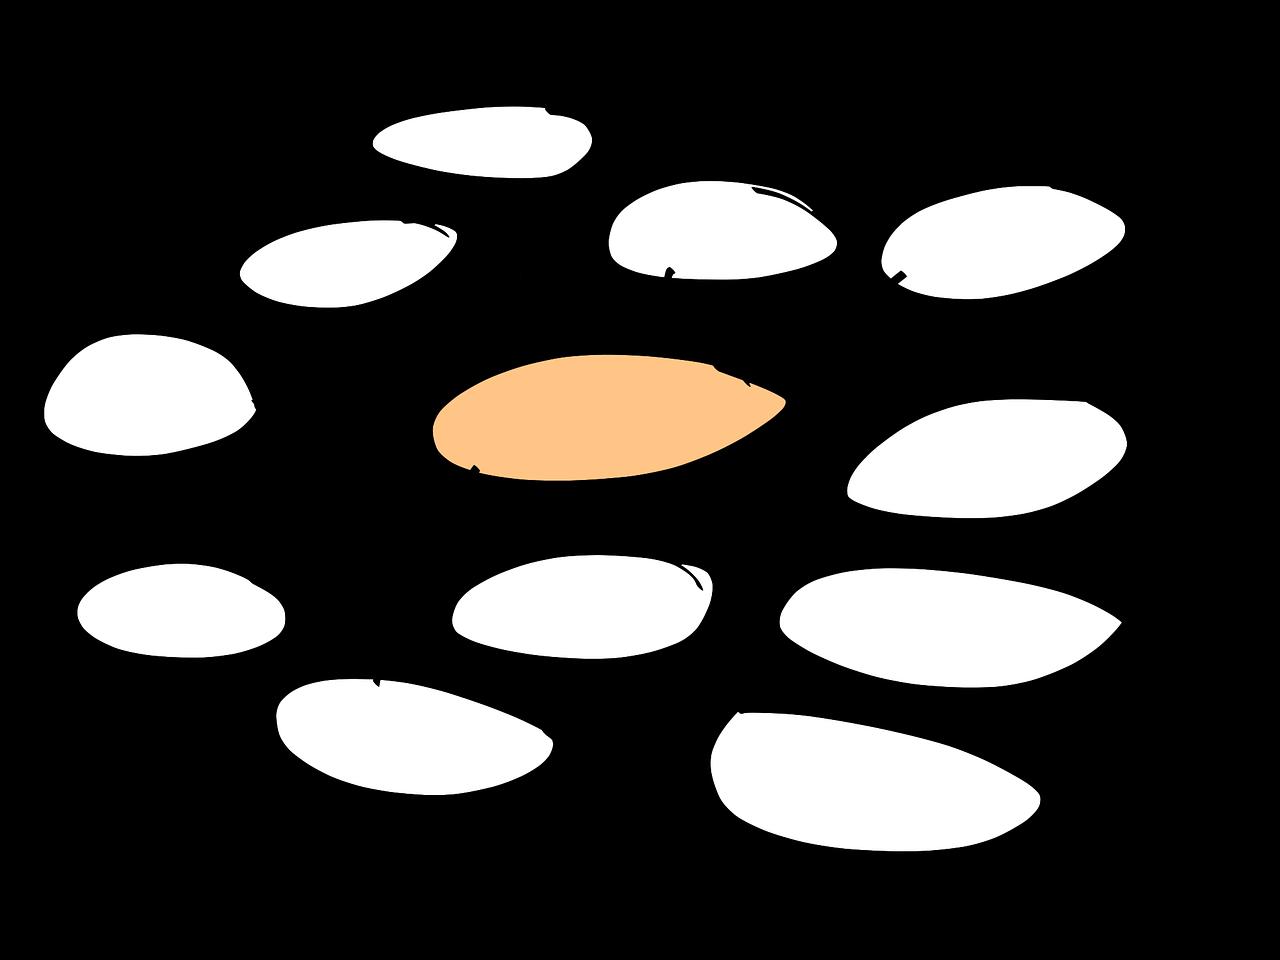 Mindmap Image via Pixabay - Quelle: Bild von Sandra Schön auf Pixabay